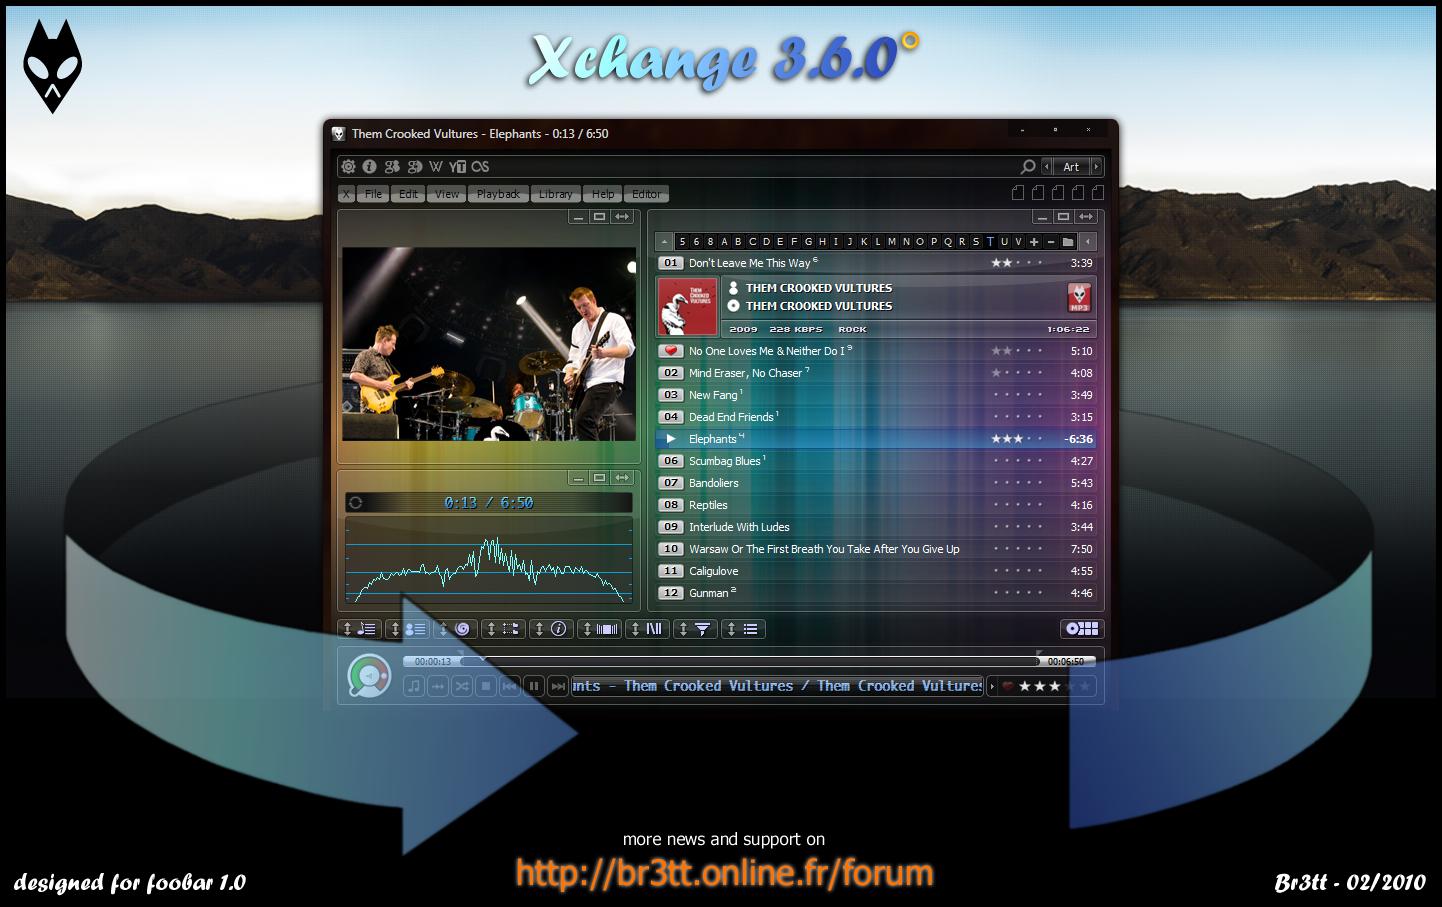 Xchange 360 by Br3tt